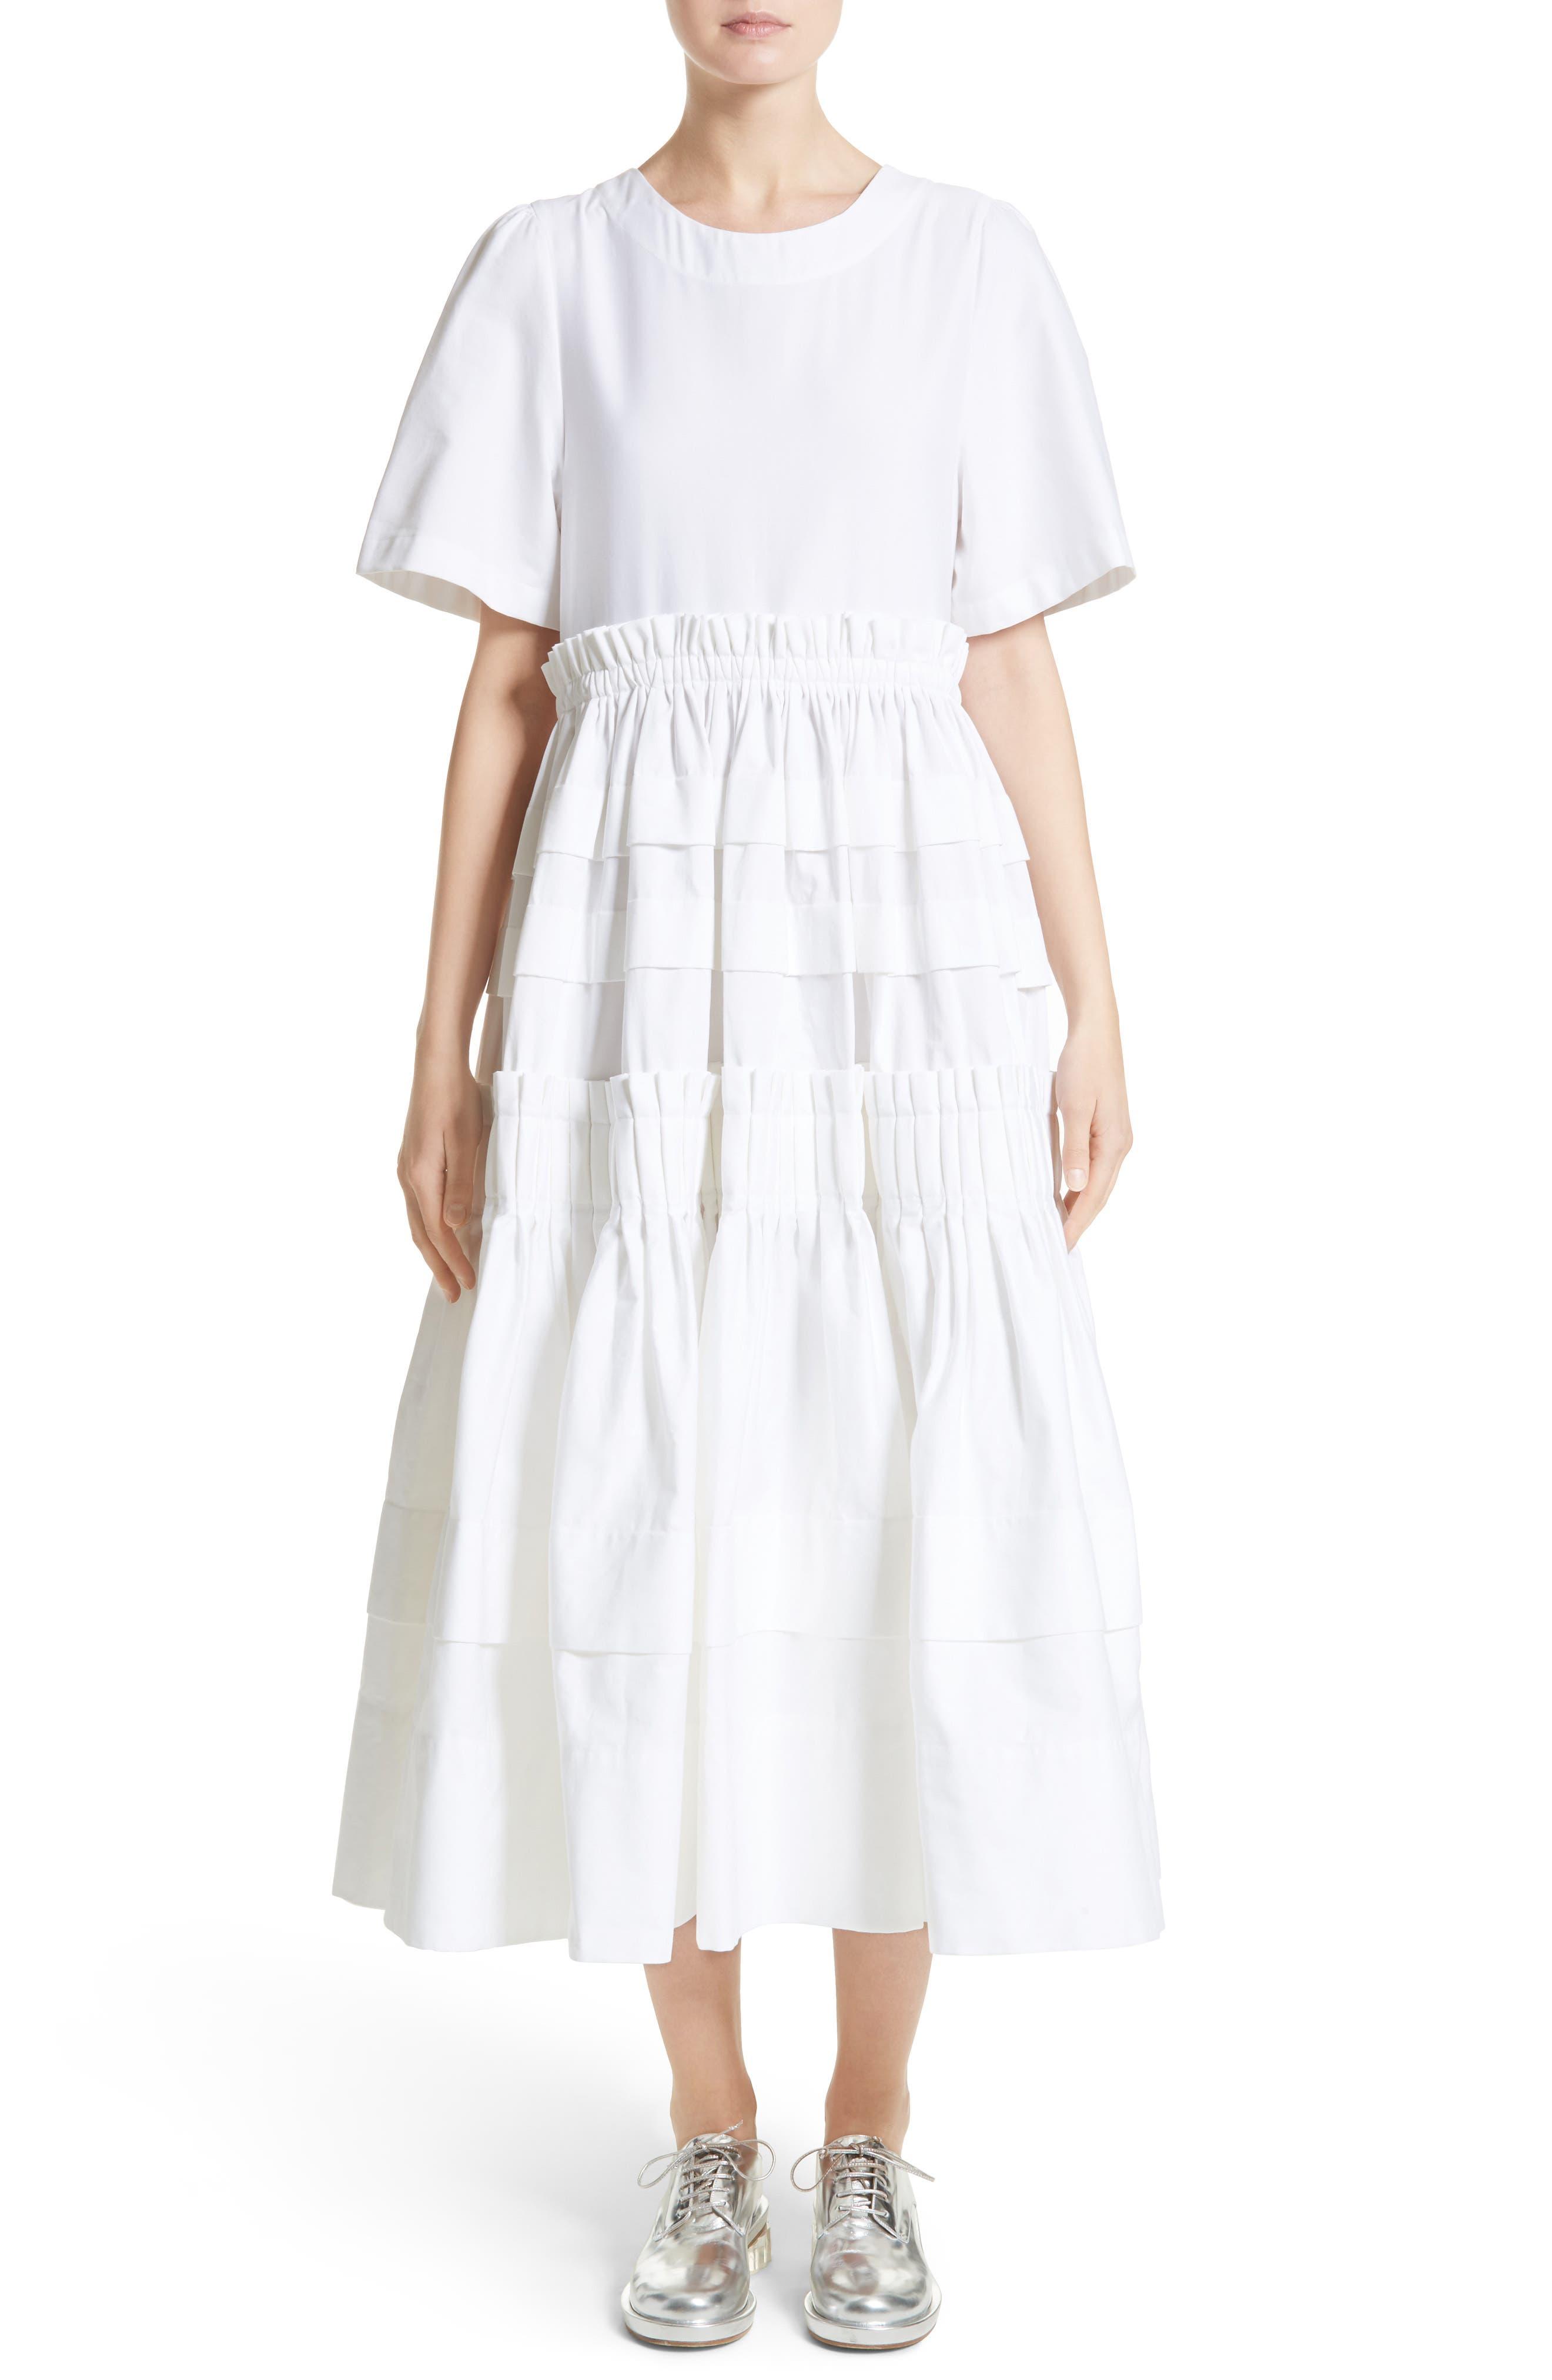 Molly Goddard Mathilda Maxi Dress